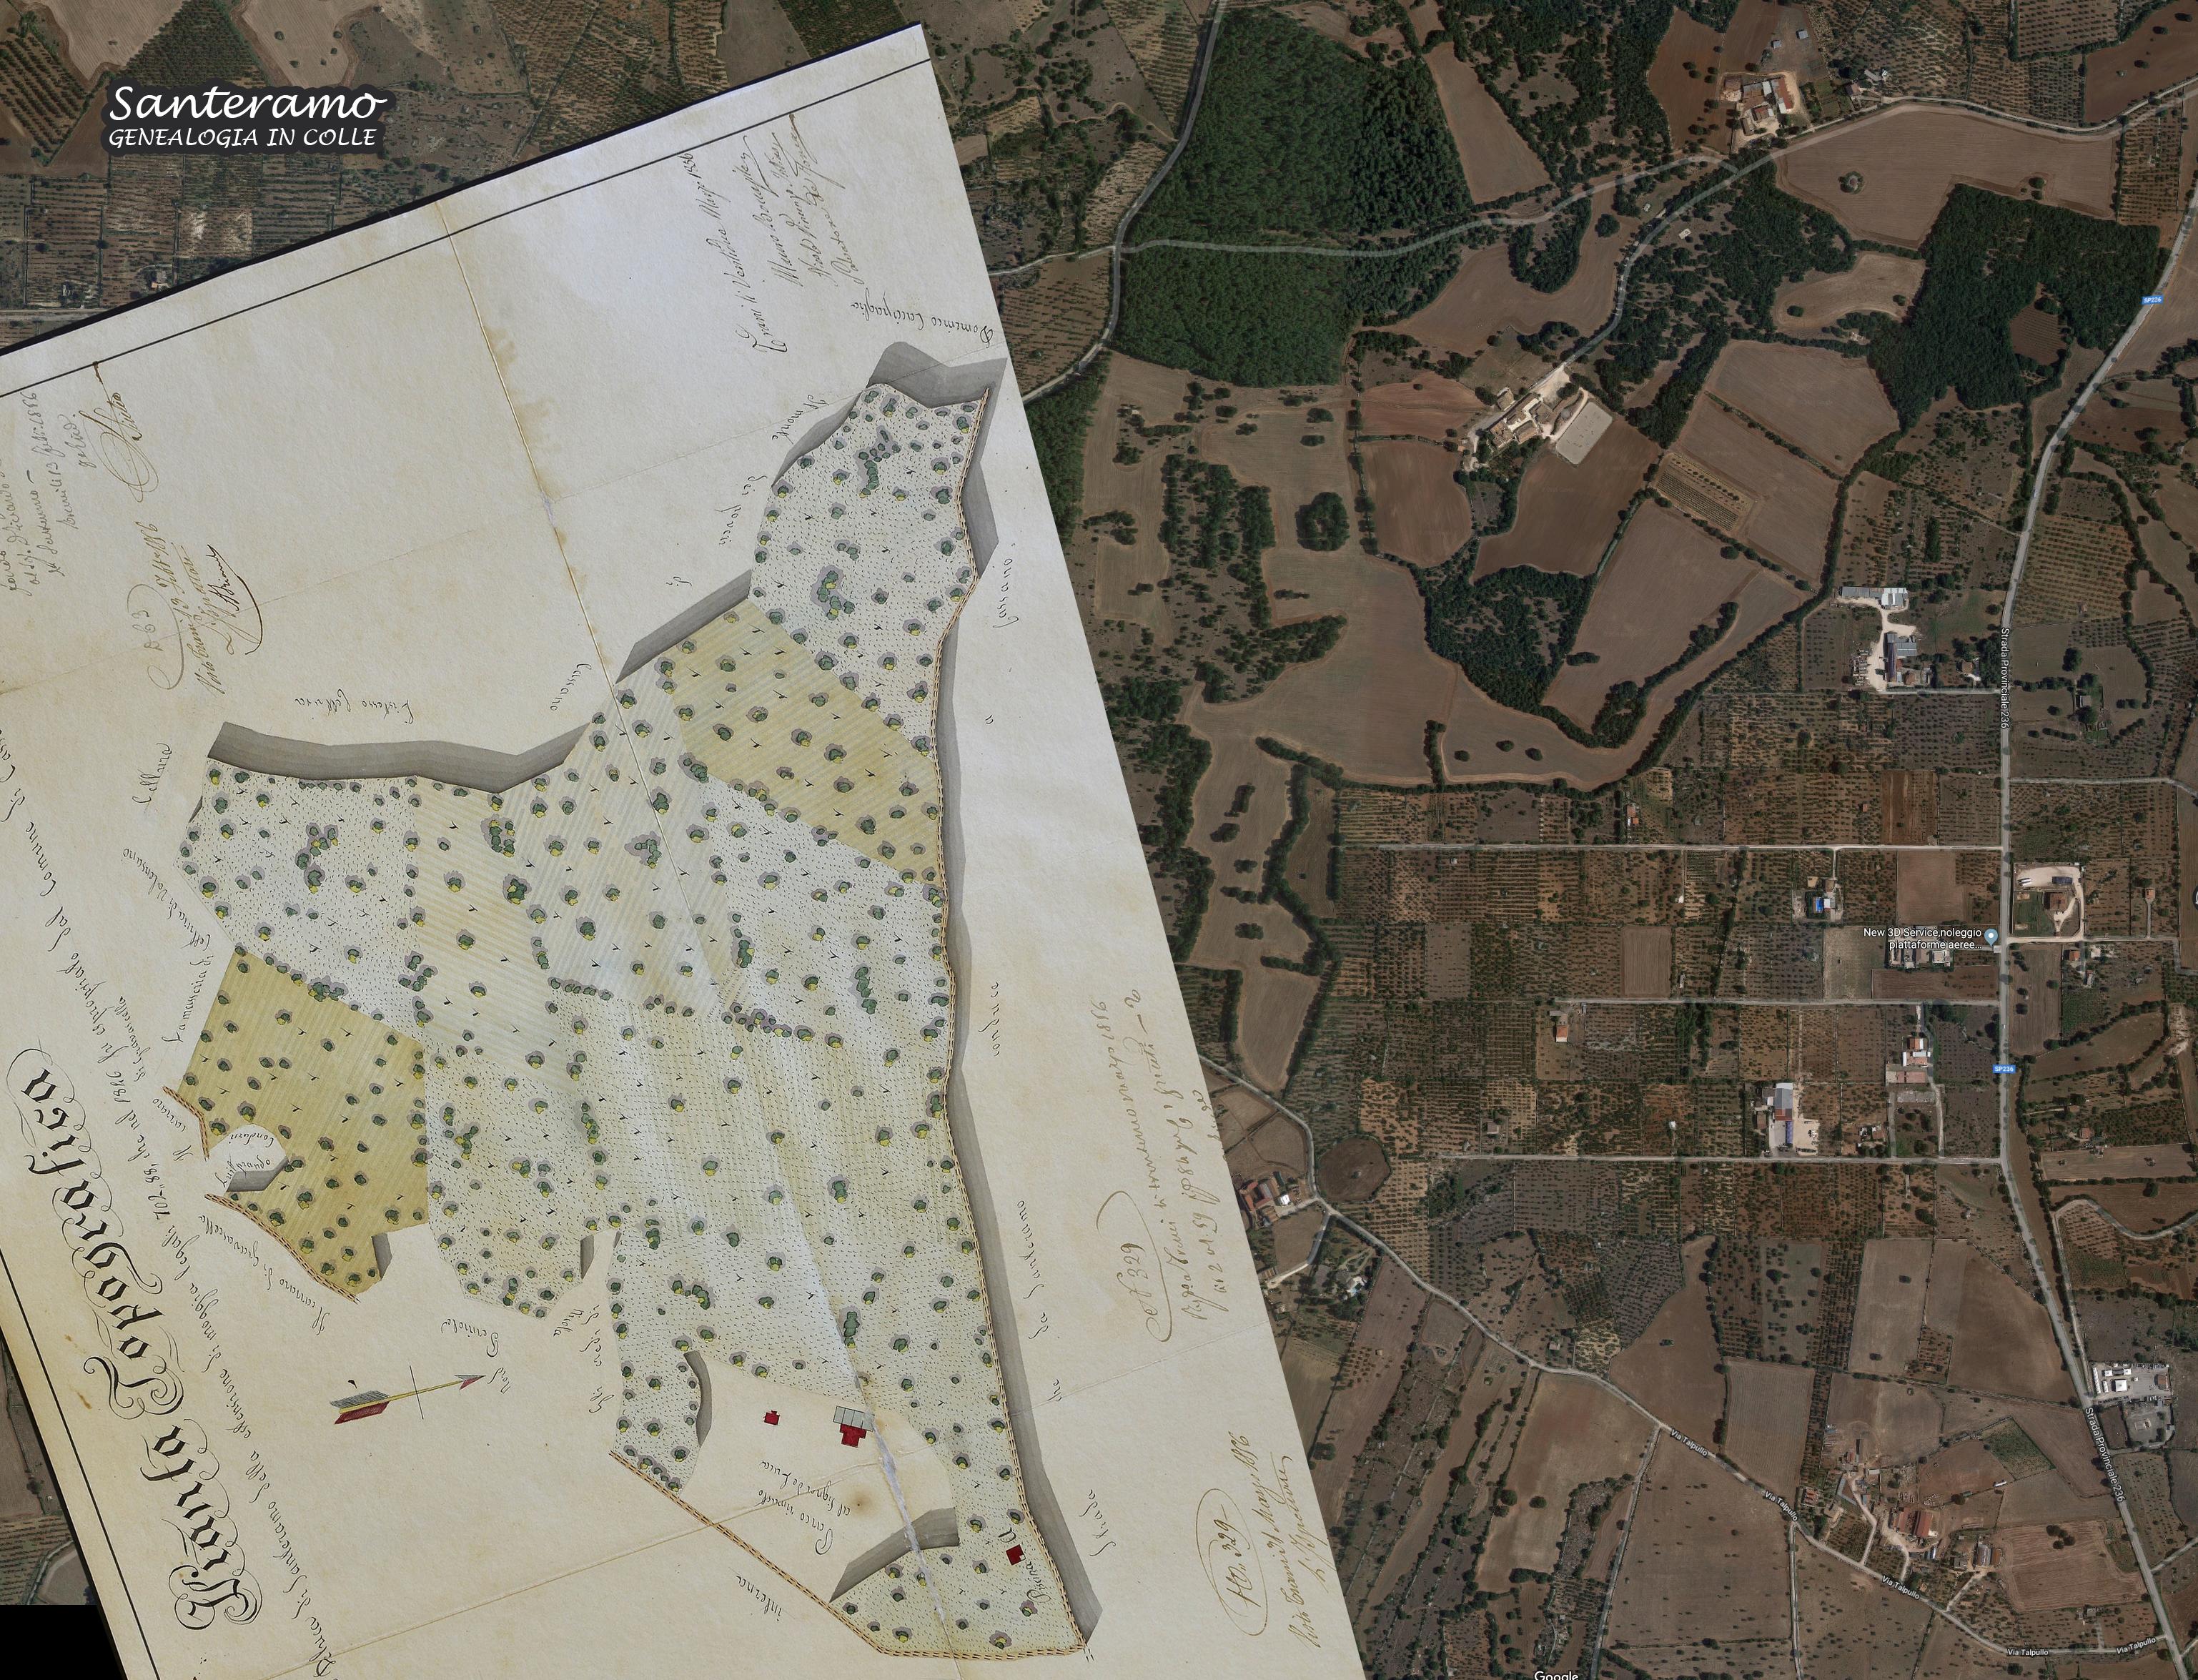 Puglia Cartina Stradale E Visione Satellitare.Category Mappe Santeramo Genealogia In Colle